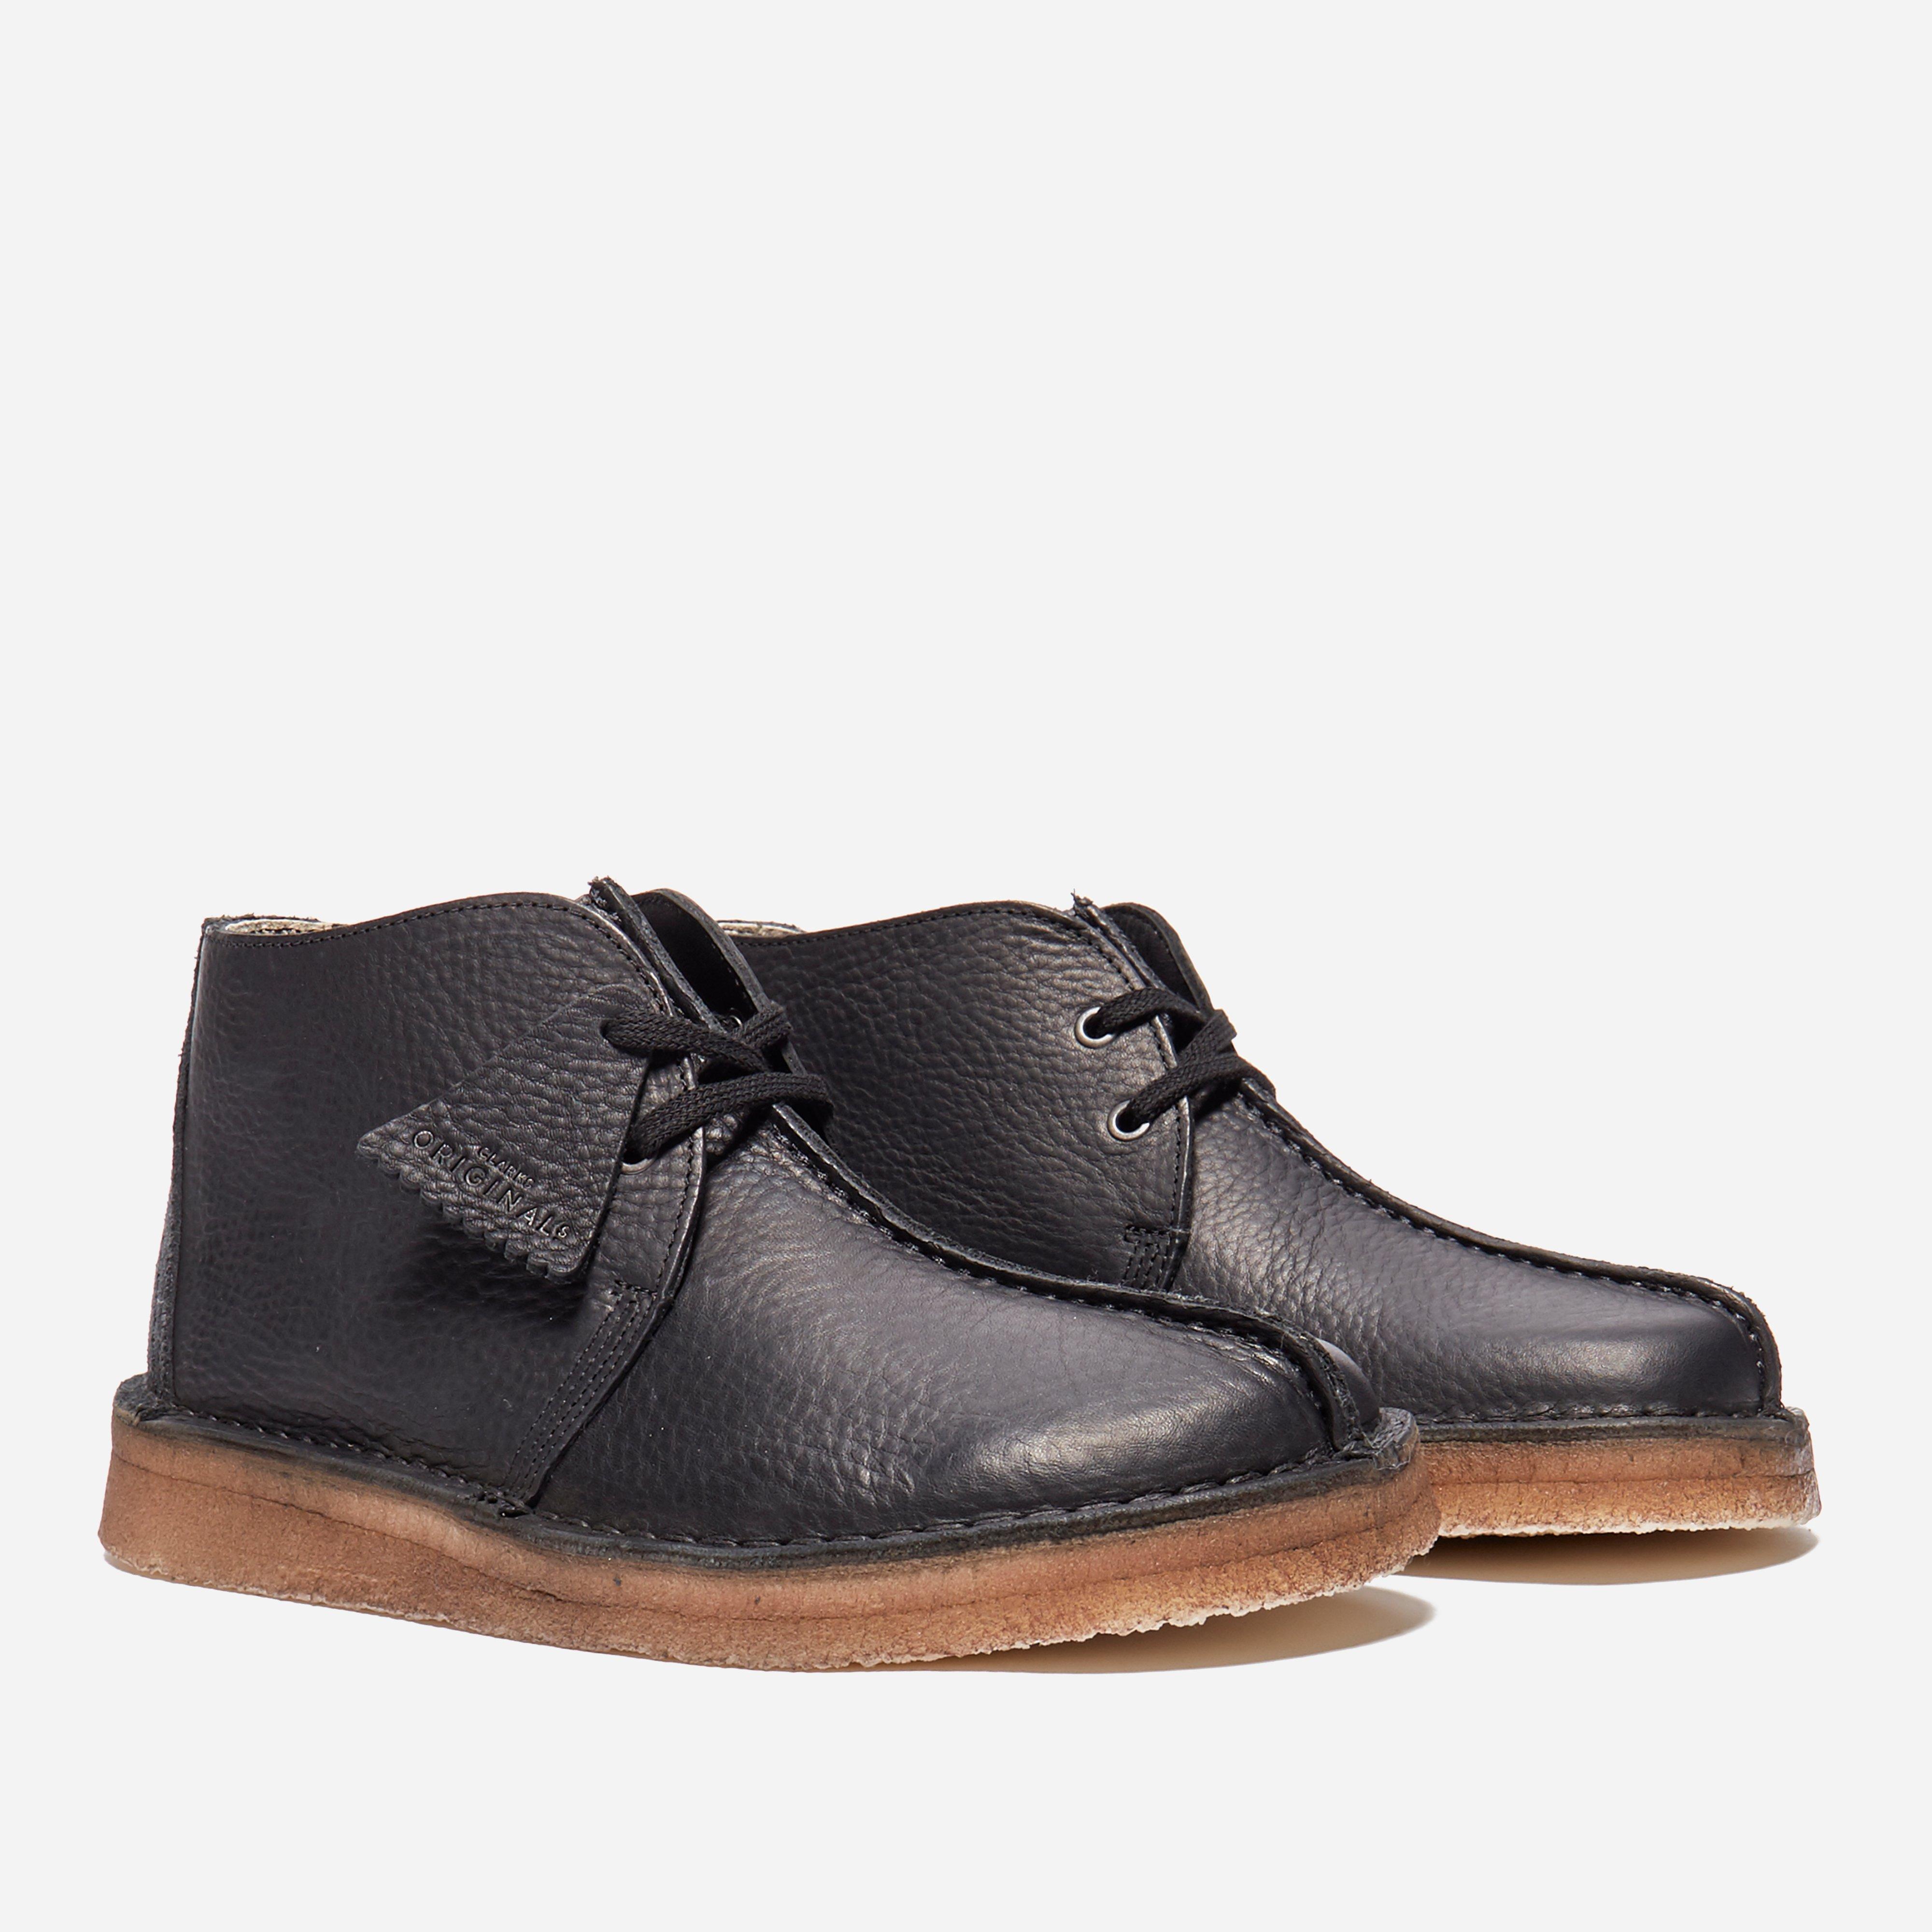 Clarks Shoes Black Friday Uk